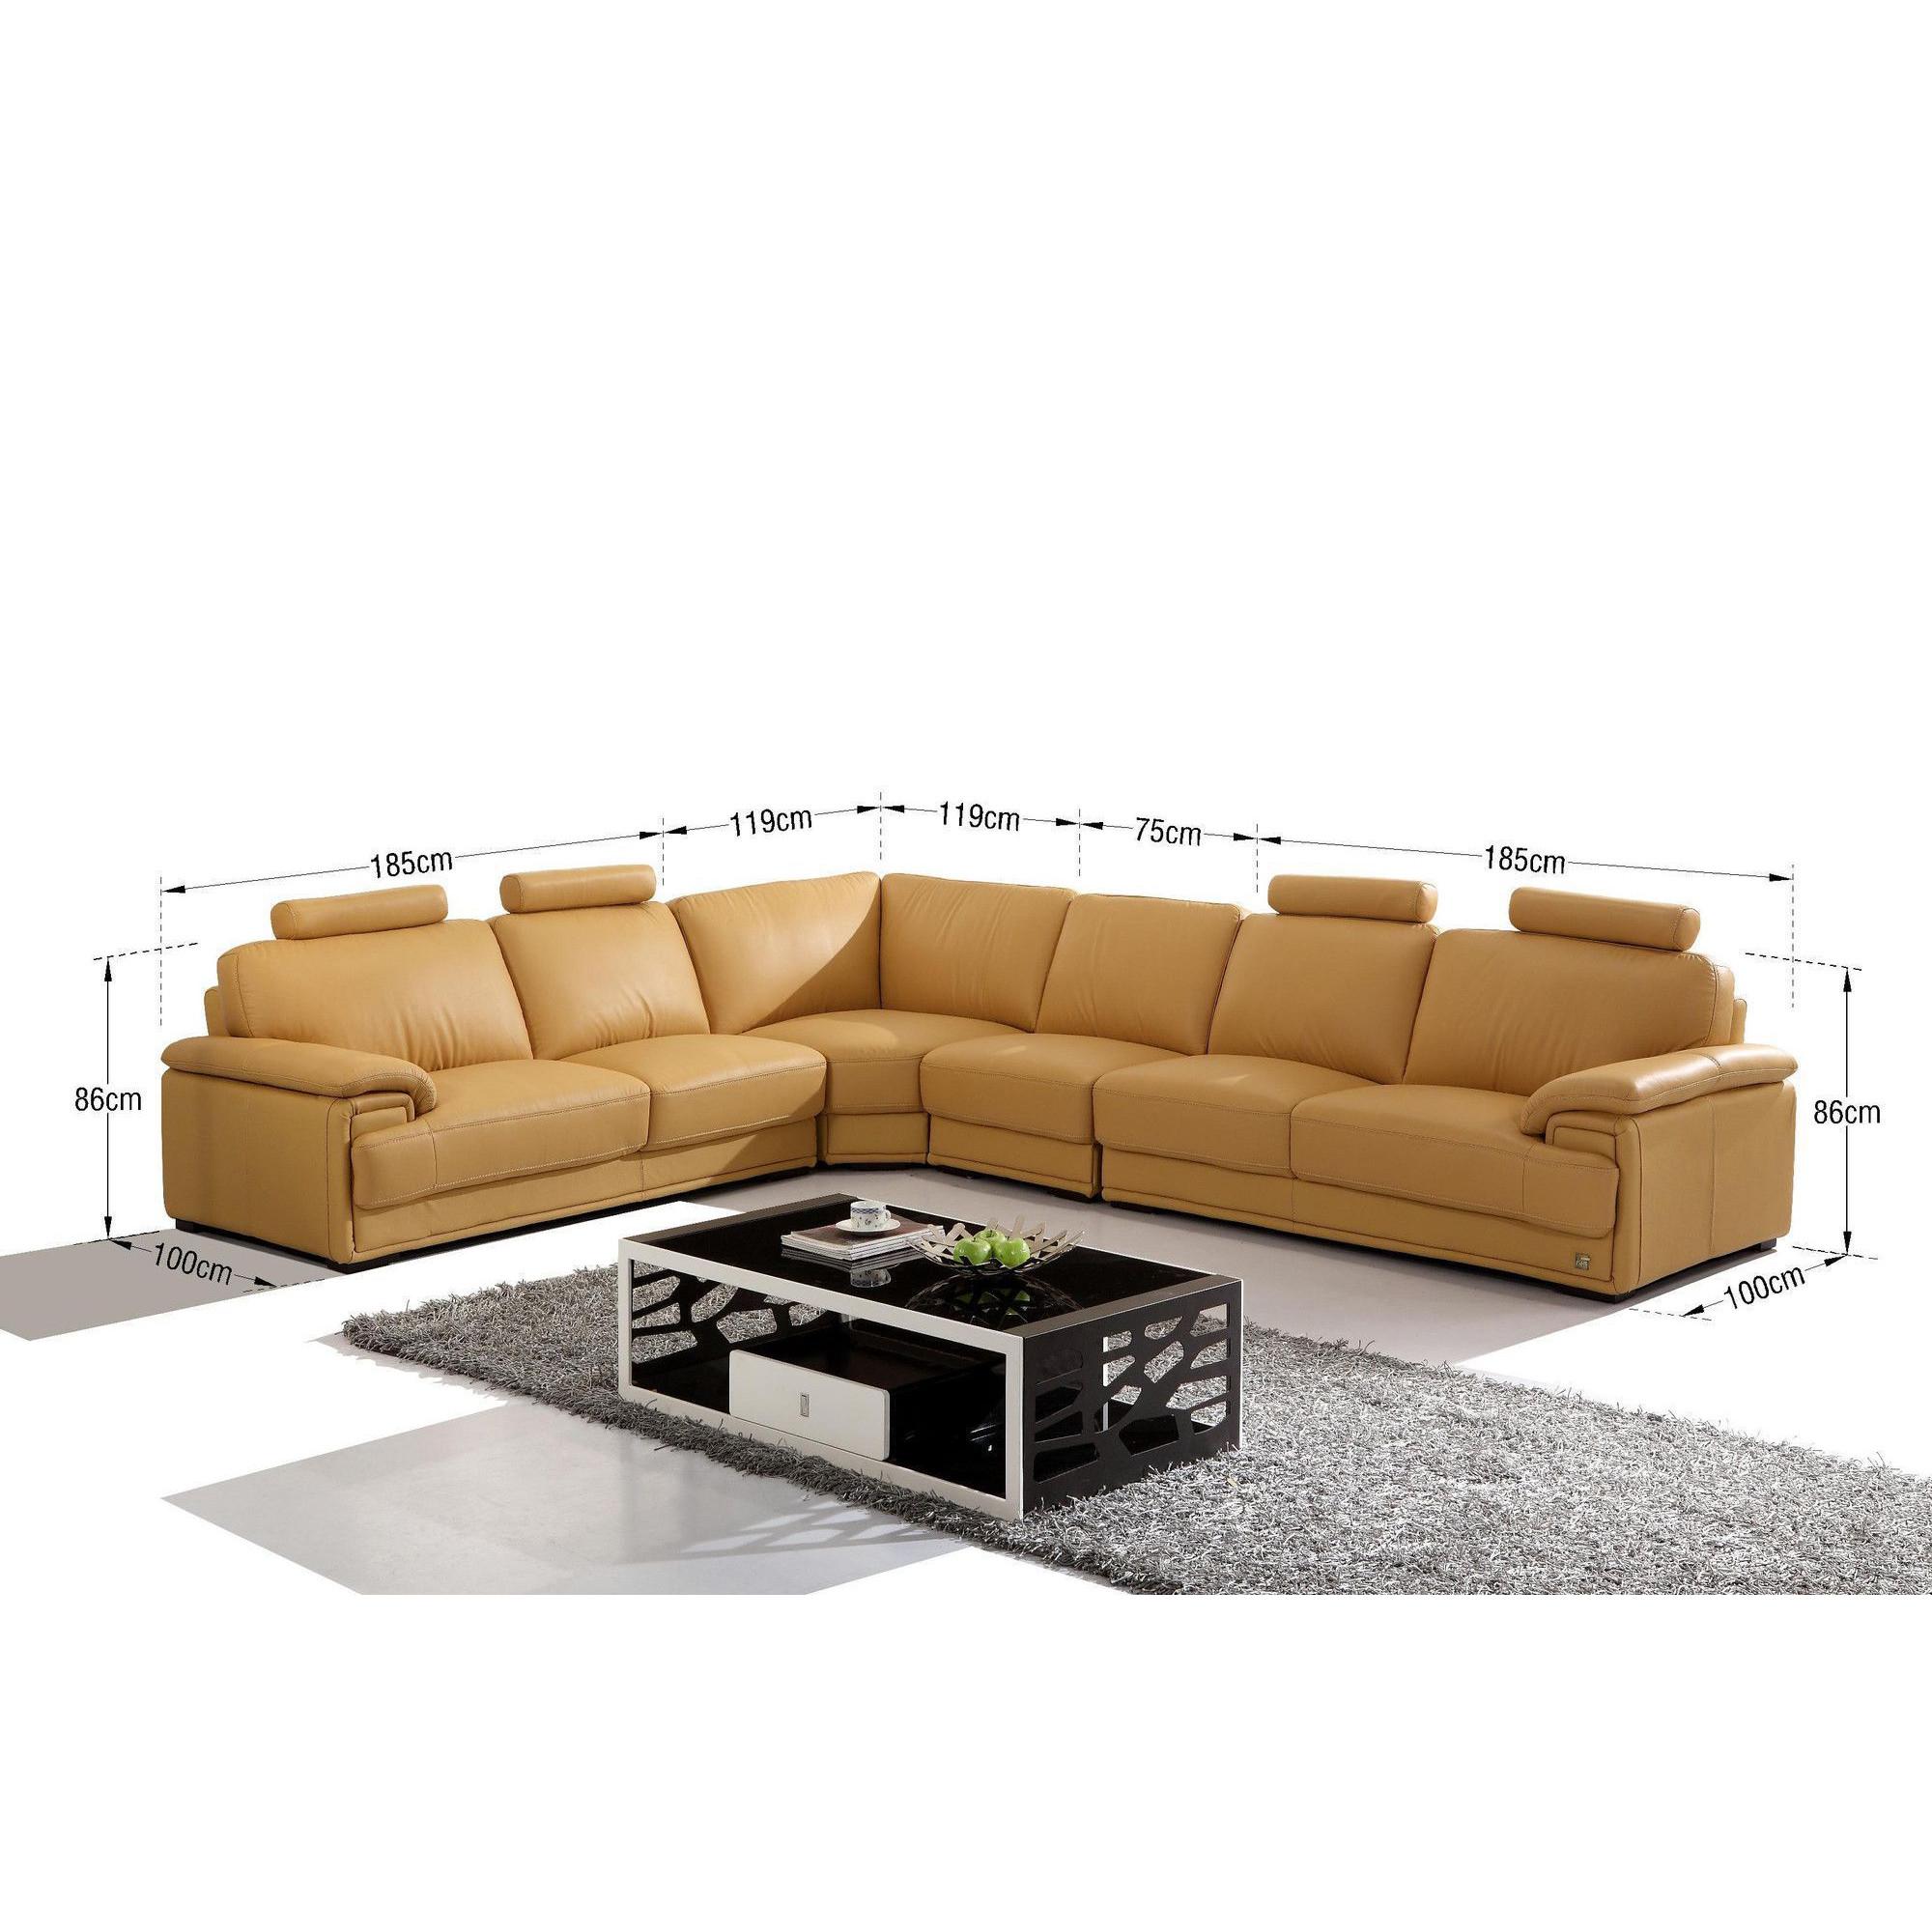 Canapés d angle design cuir véritable doré Canapés d